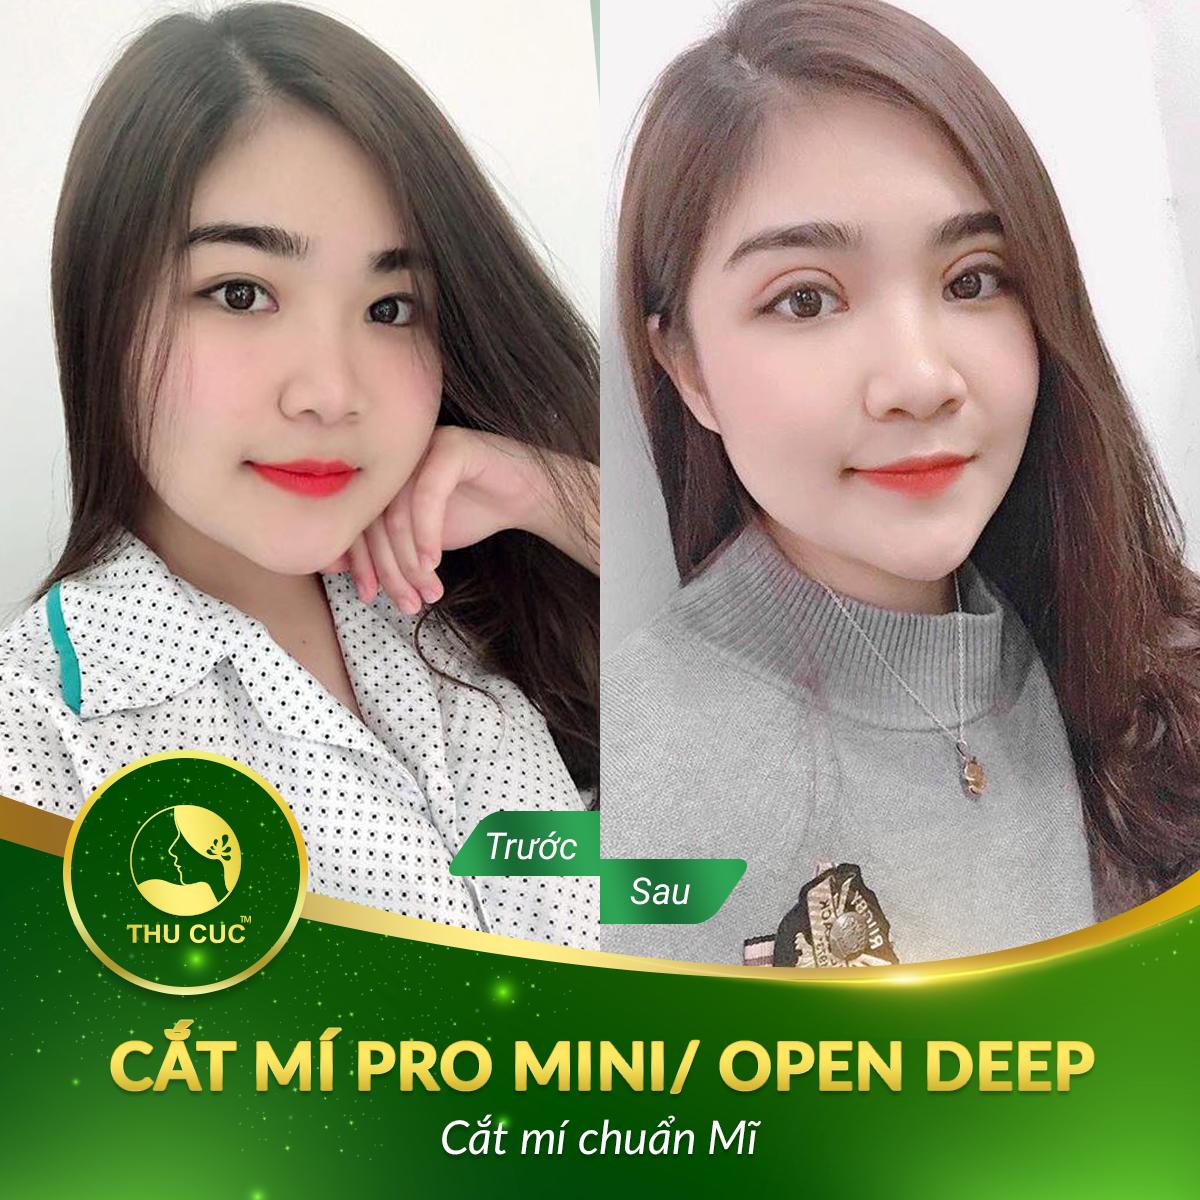 CAT-MI-10-4-2